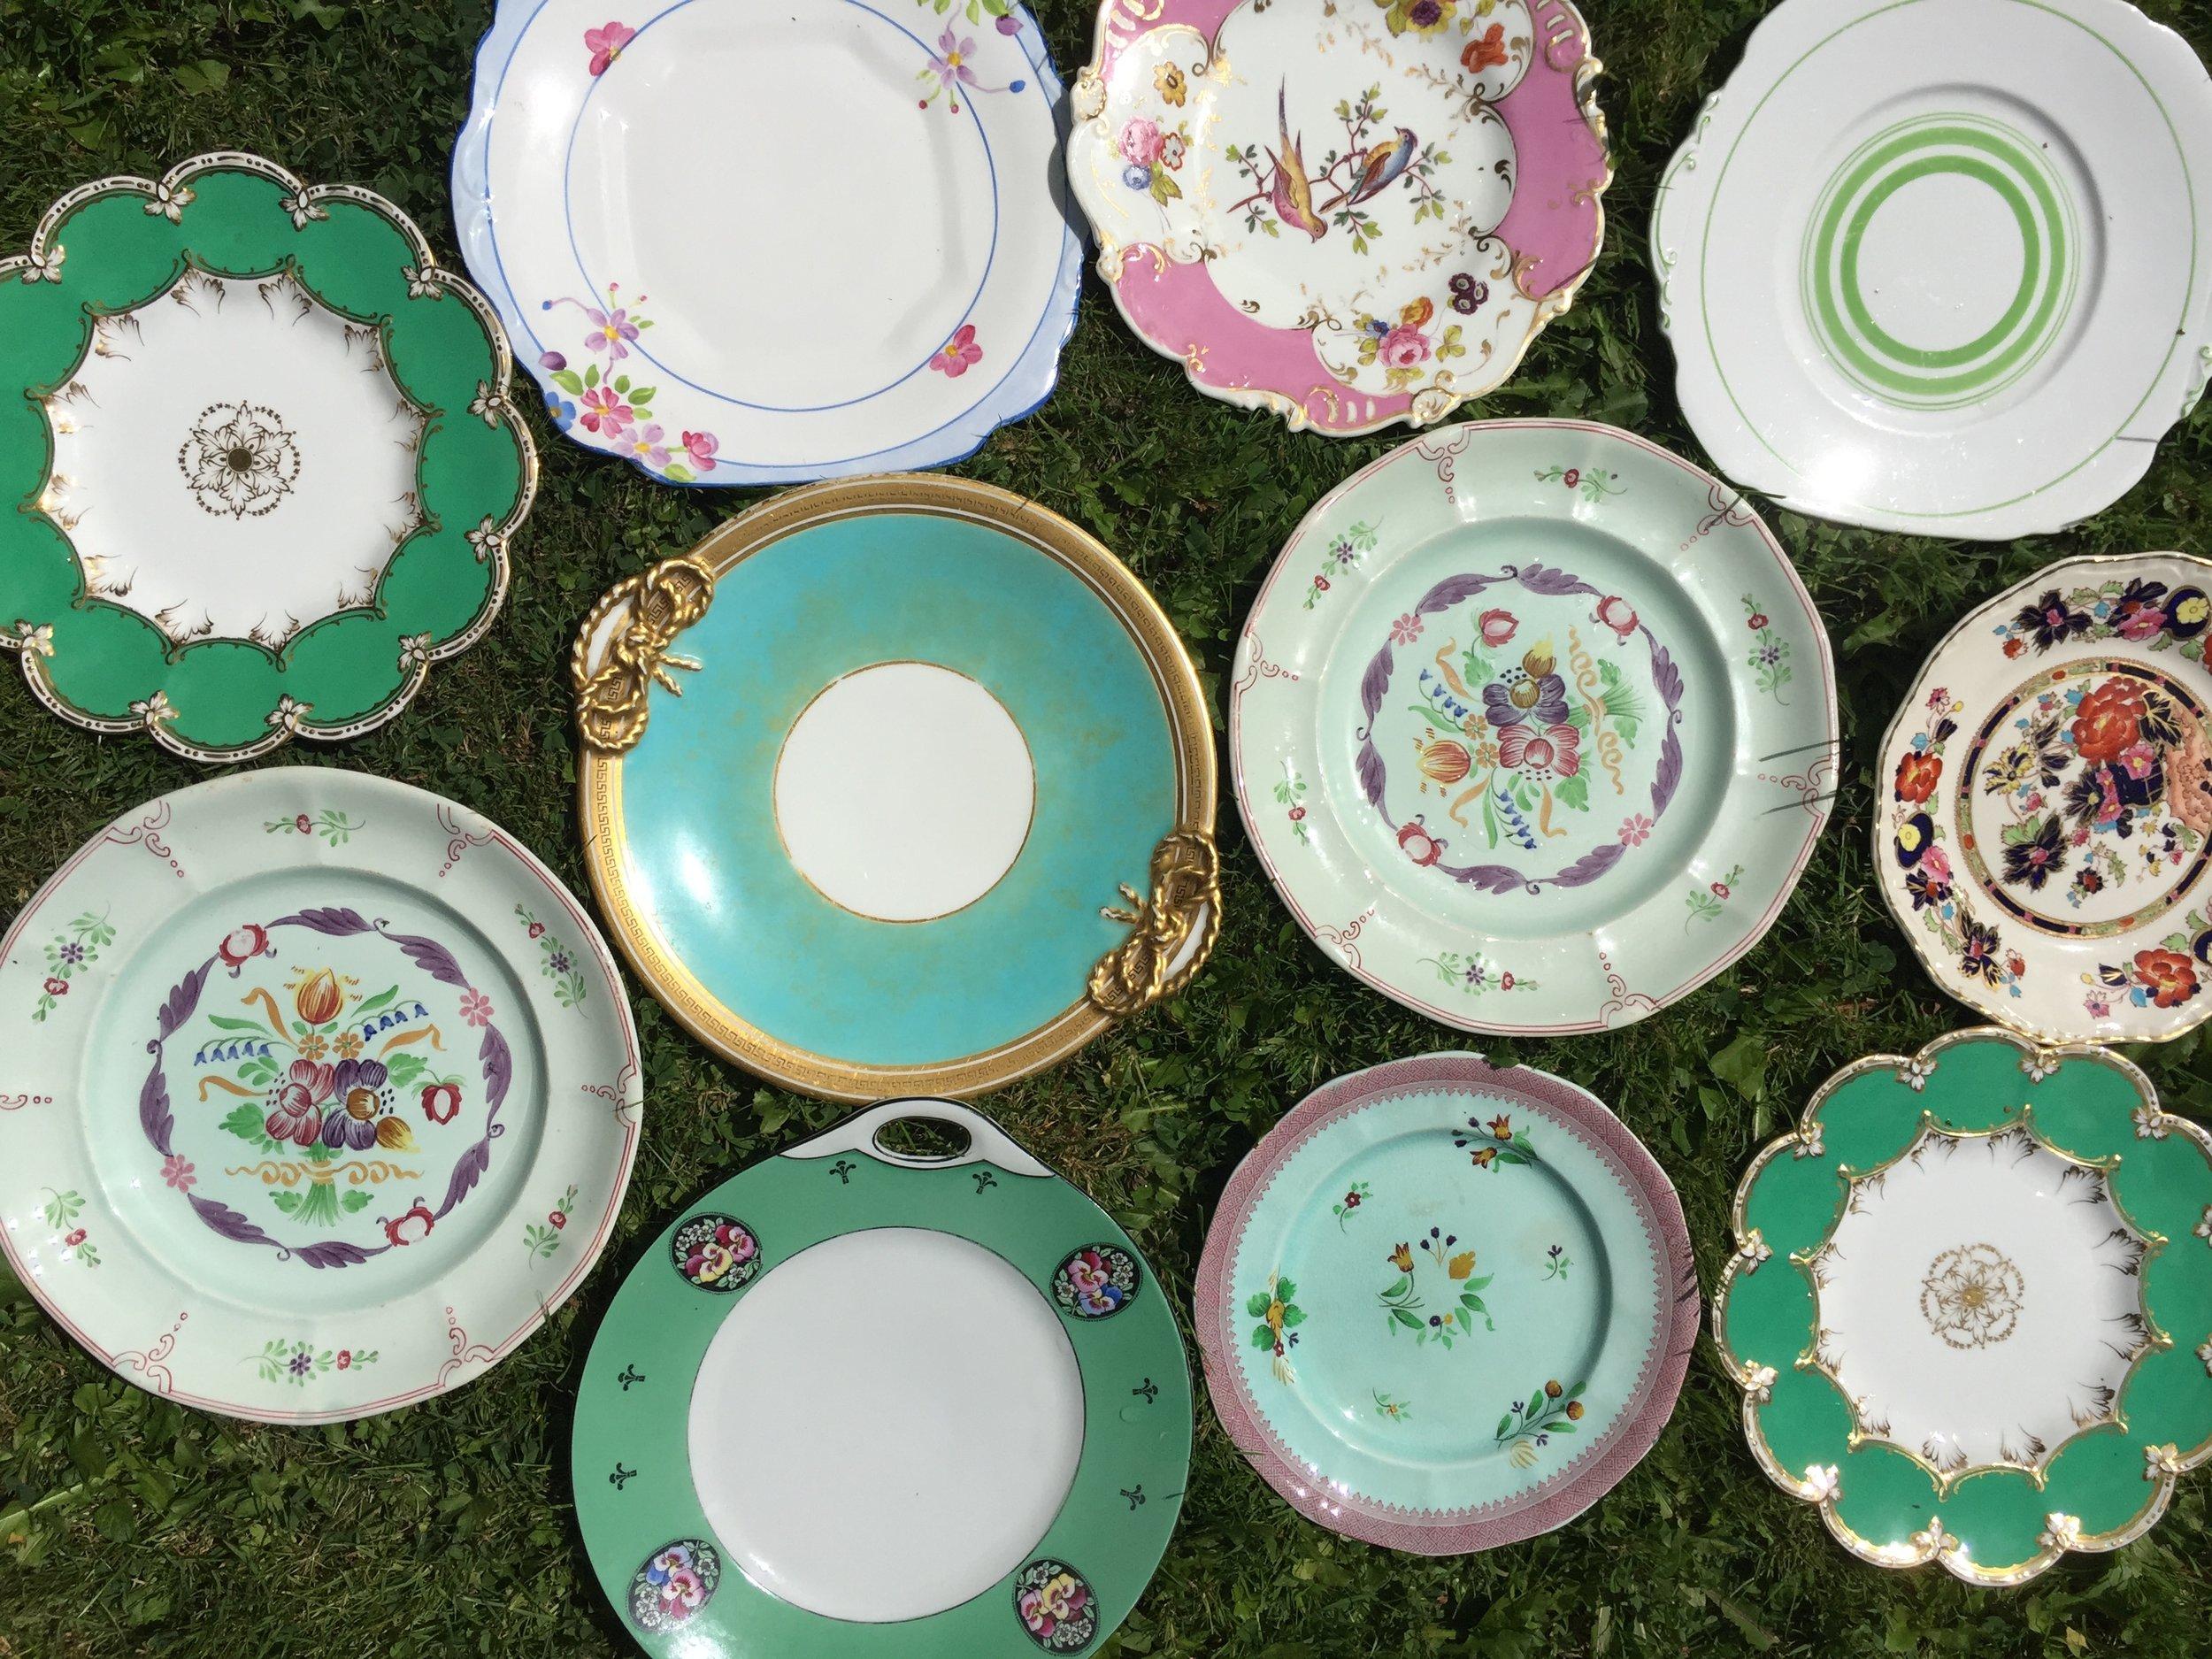 Many saucers